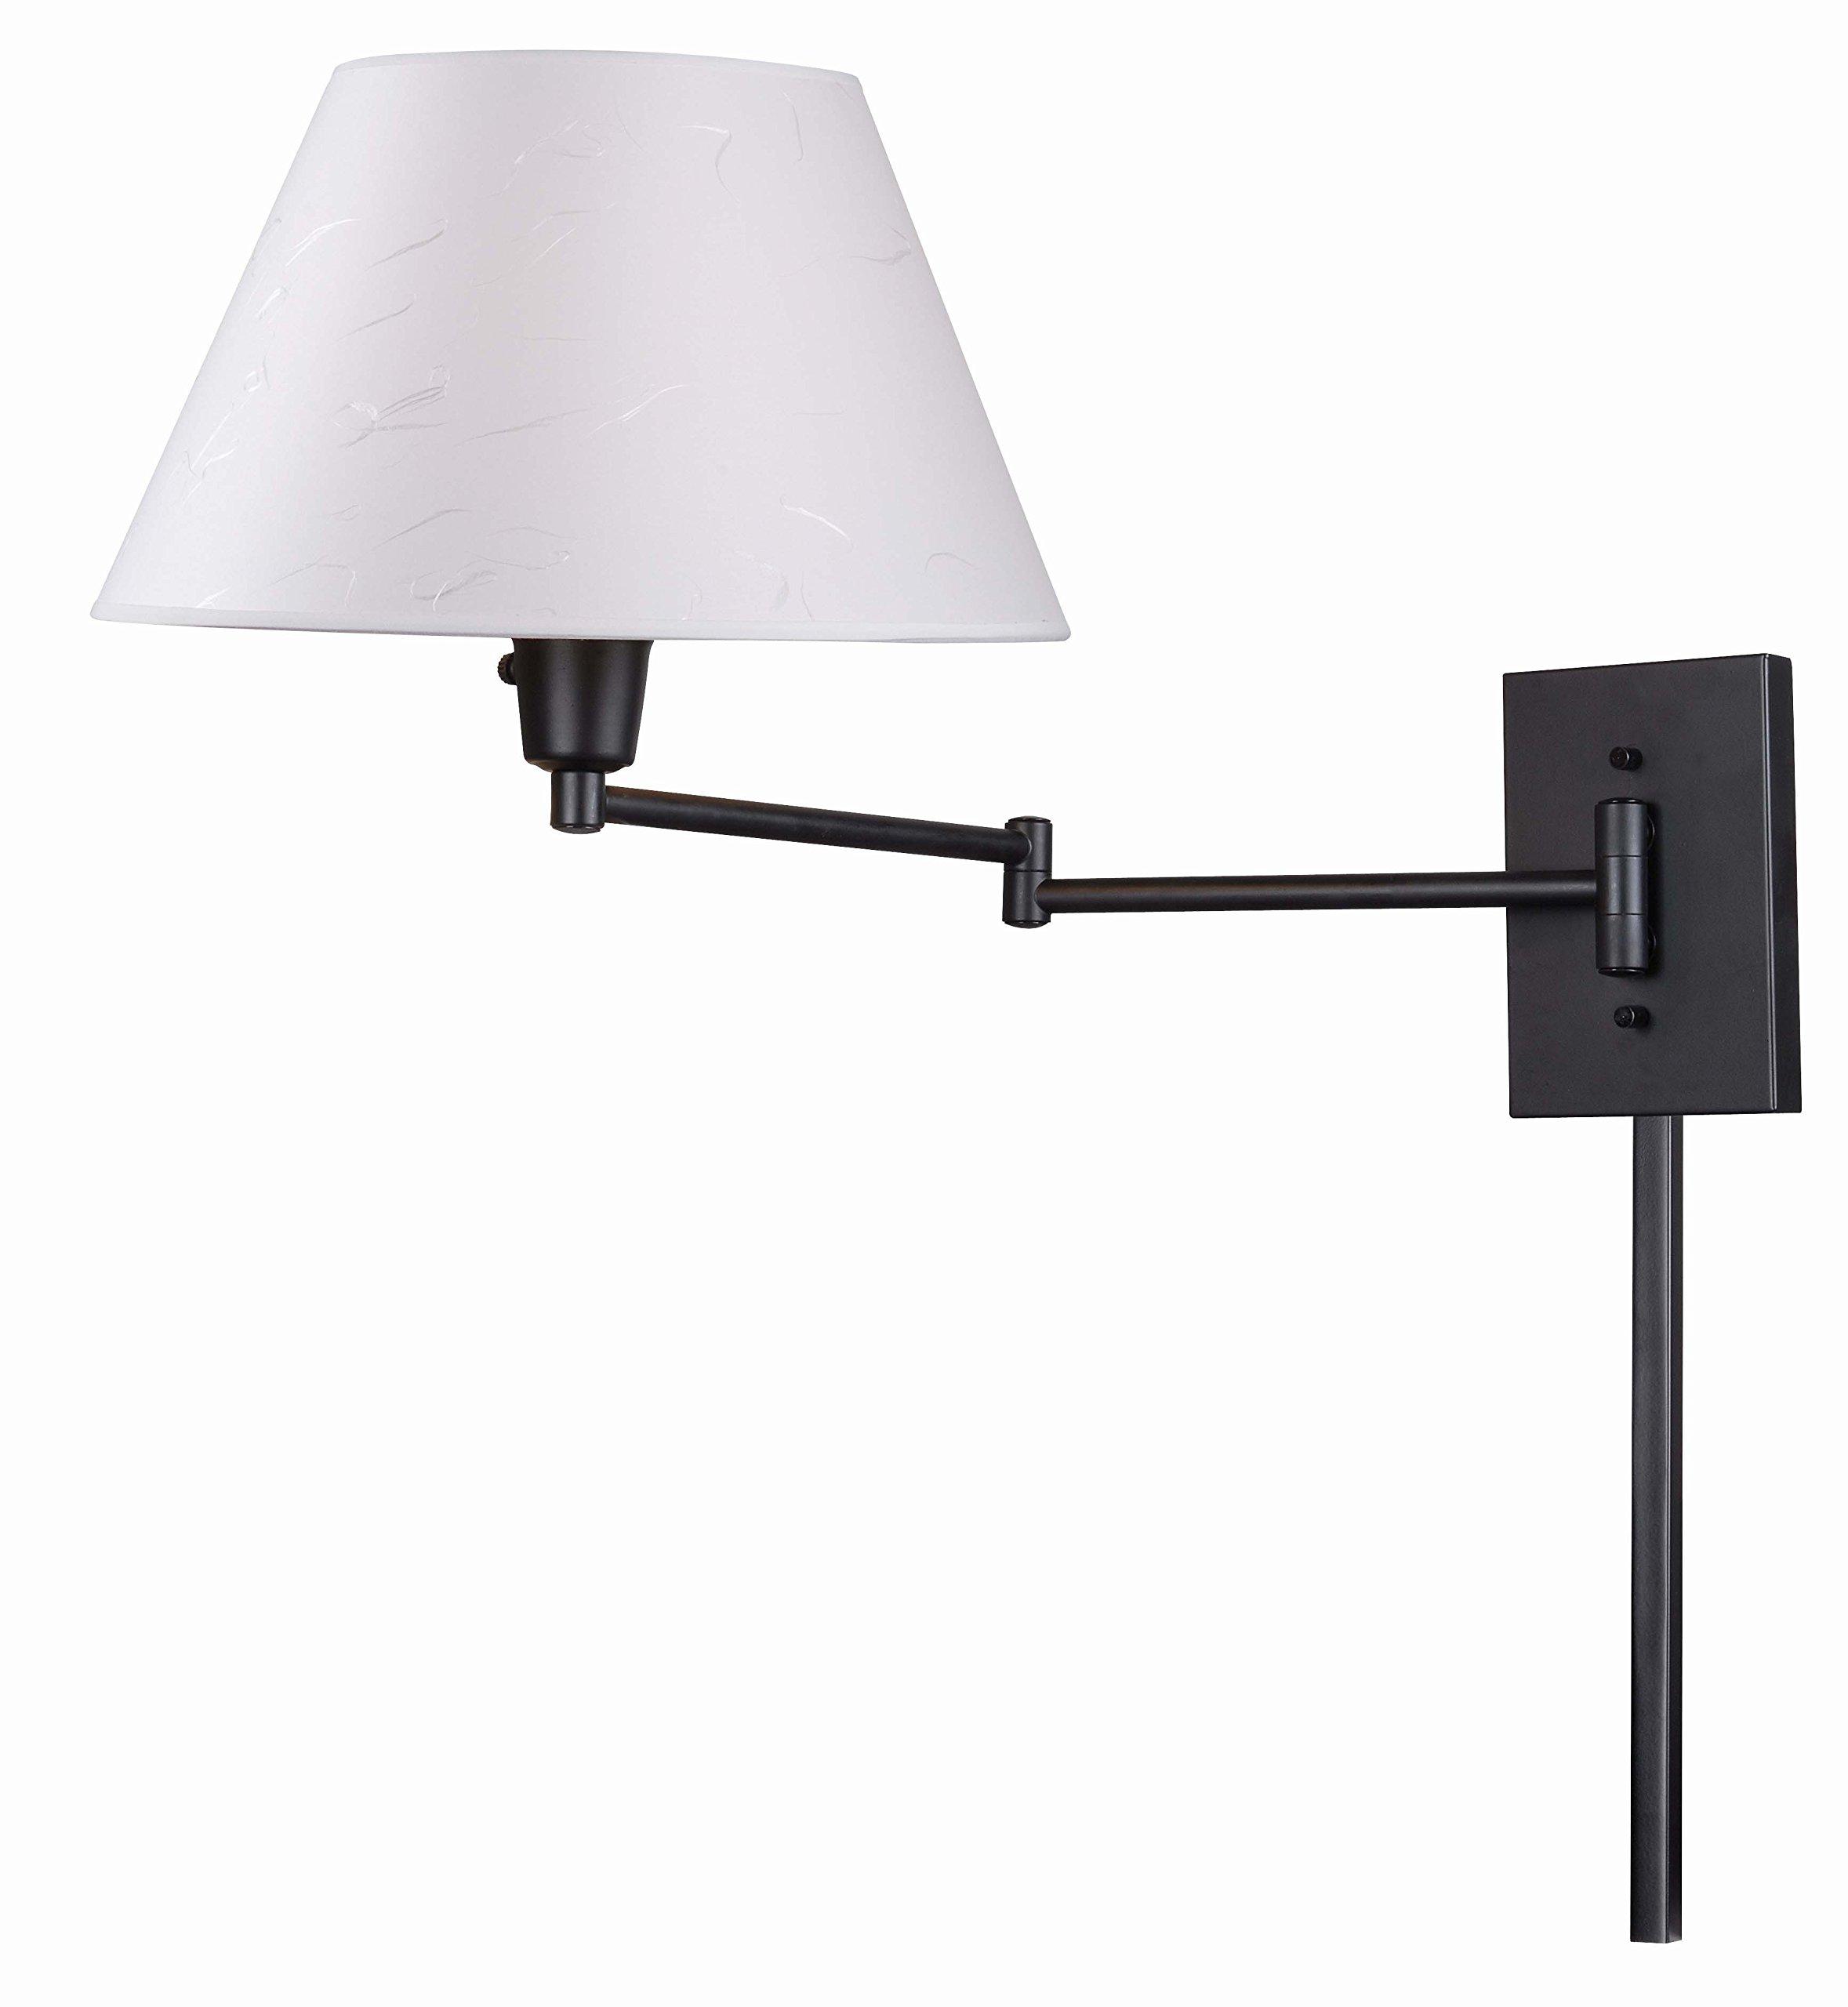 Kenroy Home 30110BRZ Simplicity Wall-Mounted 150-Watt Swing-Arm Lamp, Dark  Bronze by Kenroy Home